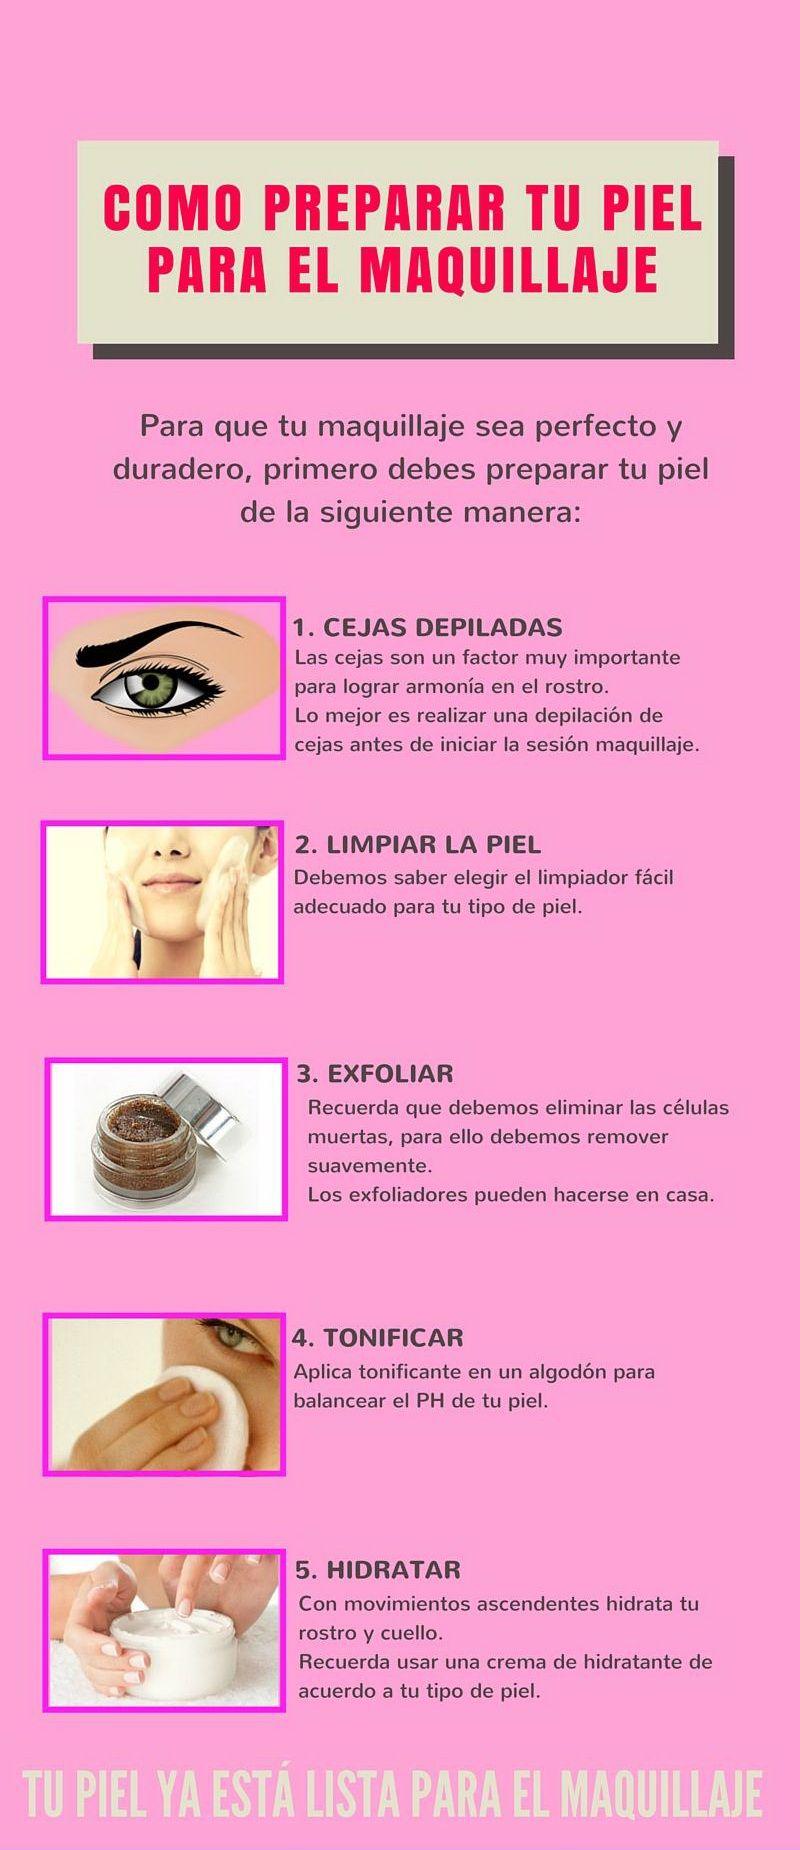 Mi Pequeños Aportes Cómo Preparar Tu Piel Para El Maquillaje Aquí Te Dejo Una Infografía Sobre Como Prepa Easy Eye Makeup Tutorial Makeup Eye Makeup Tutorial